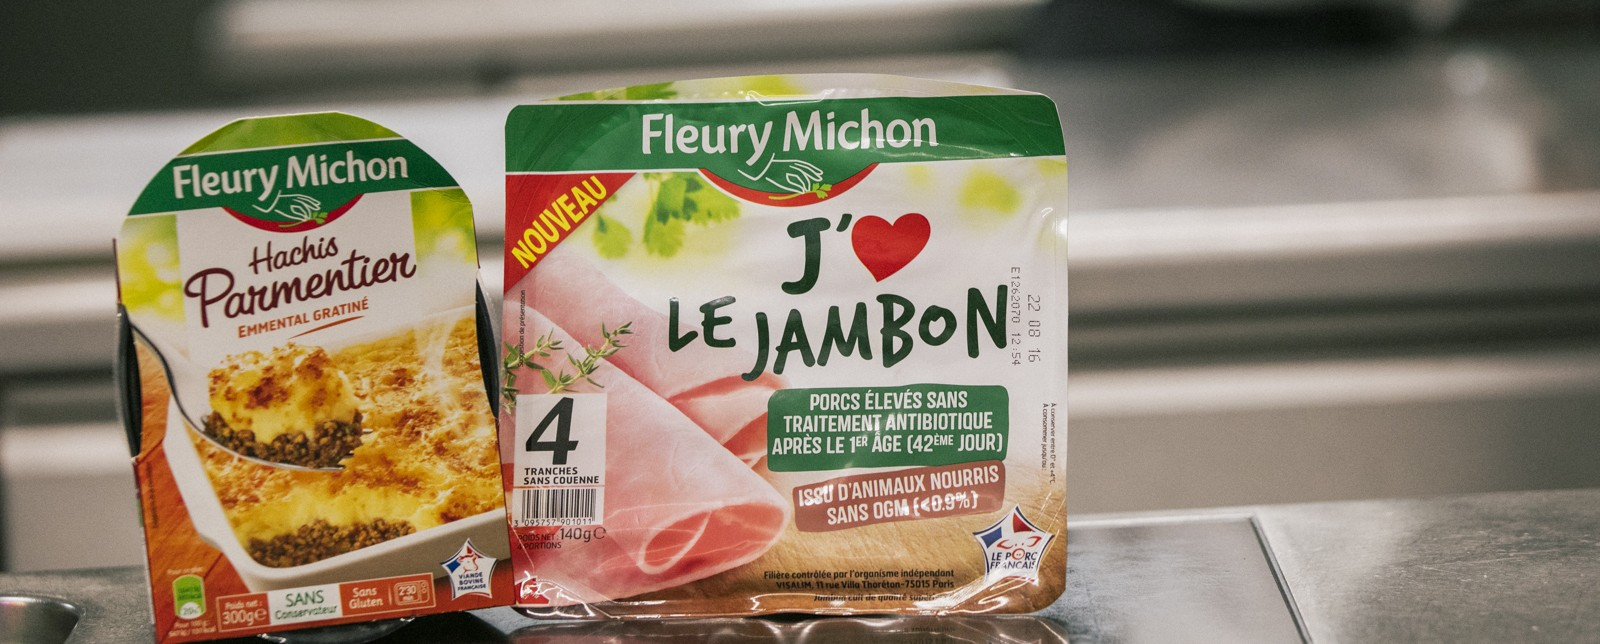 origine viande hachis parmentier venez vérifier fleury michon